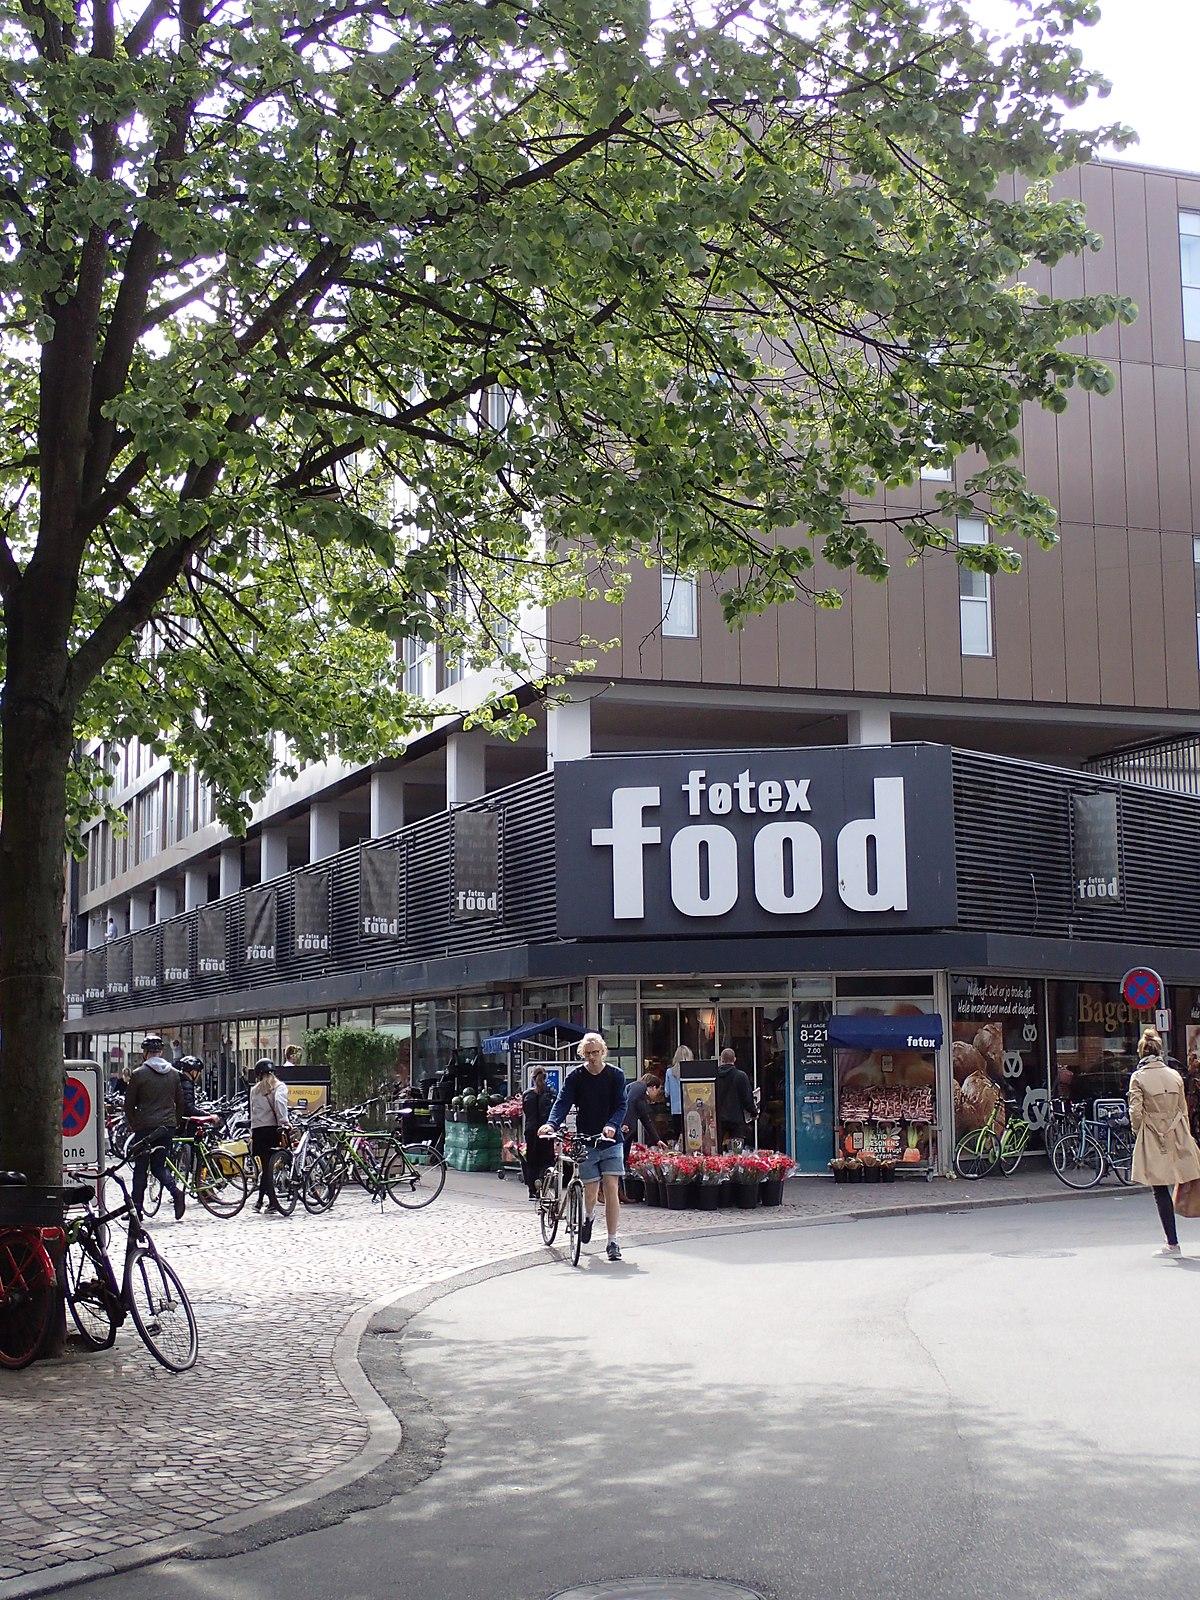 Frisk føtex - Wikipedia, den frie encyklopædi HE-91